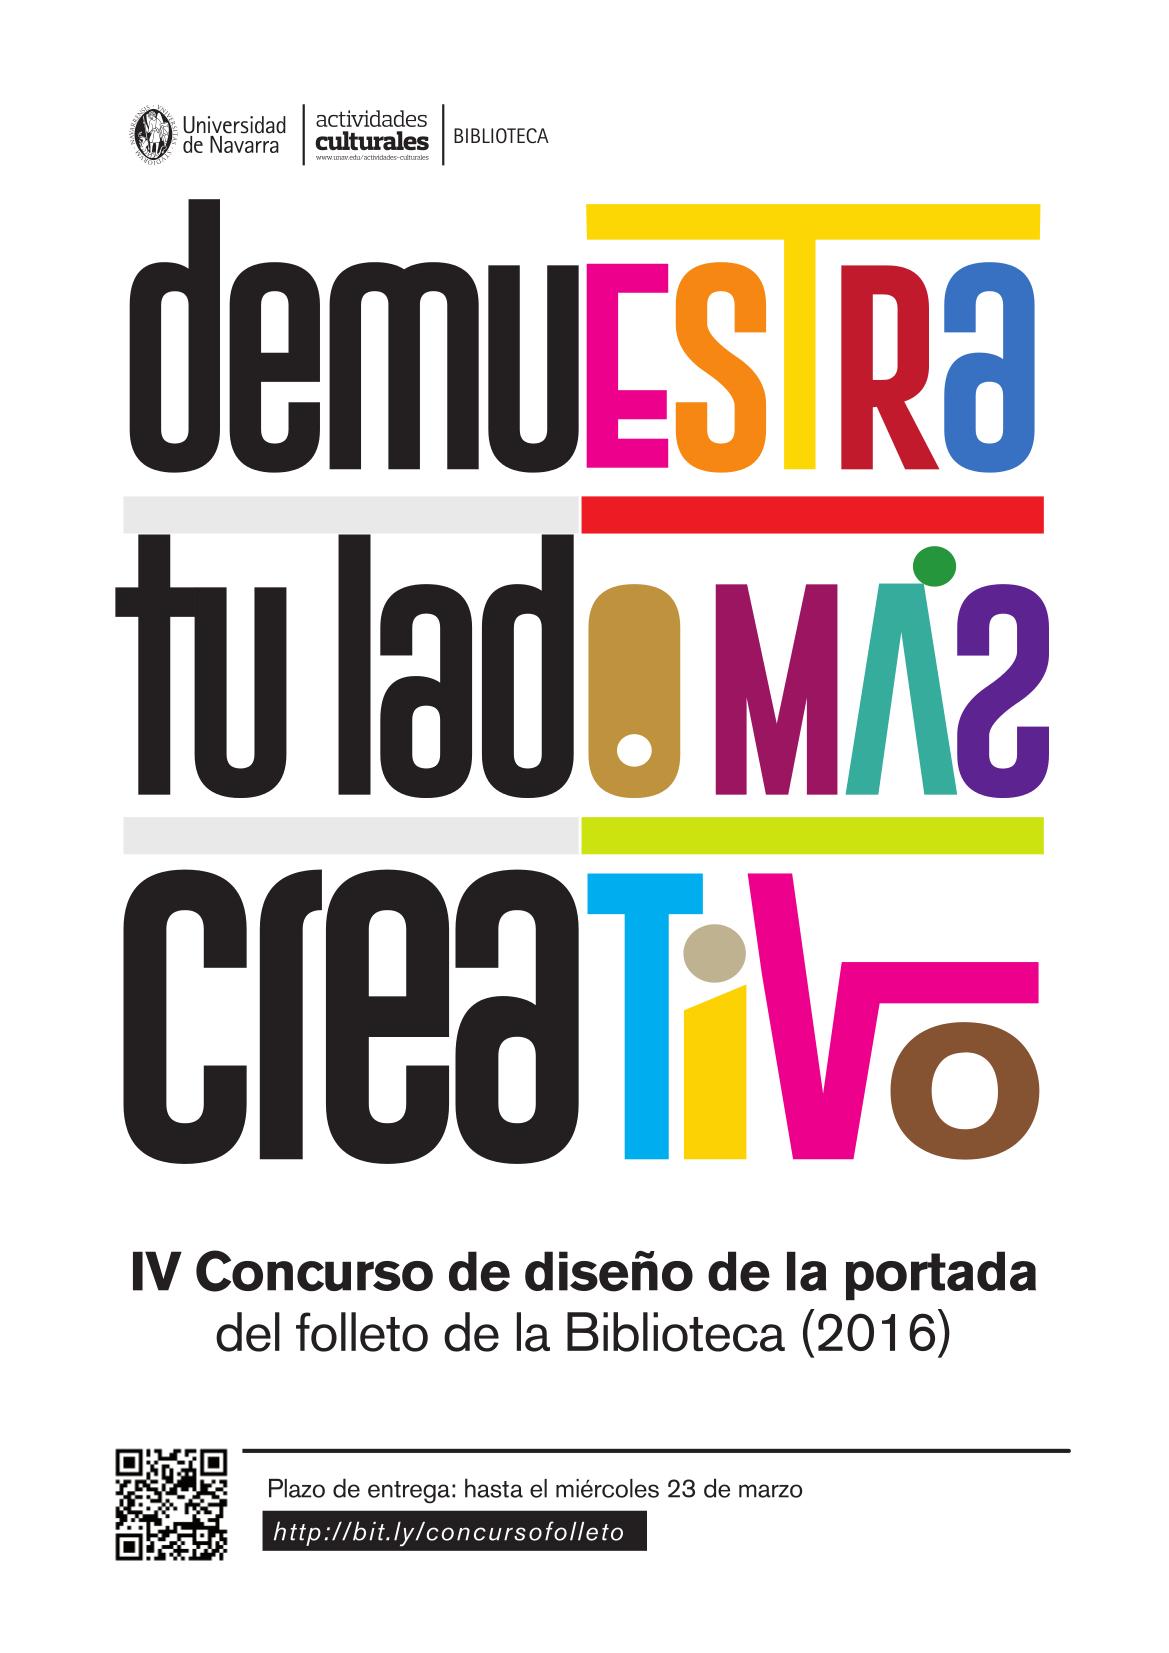 Iv concurso de dise o de la portada del folleto de la for Concurso de docencia 2016